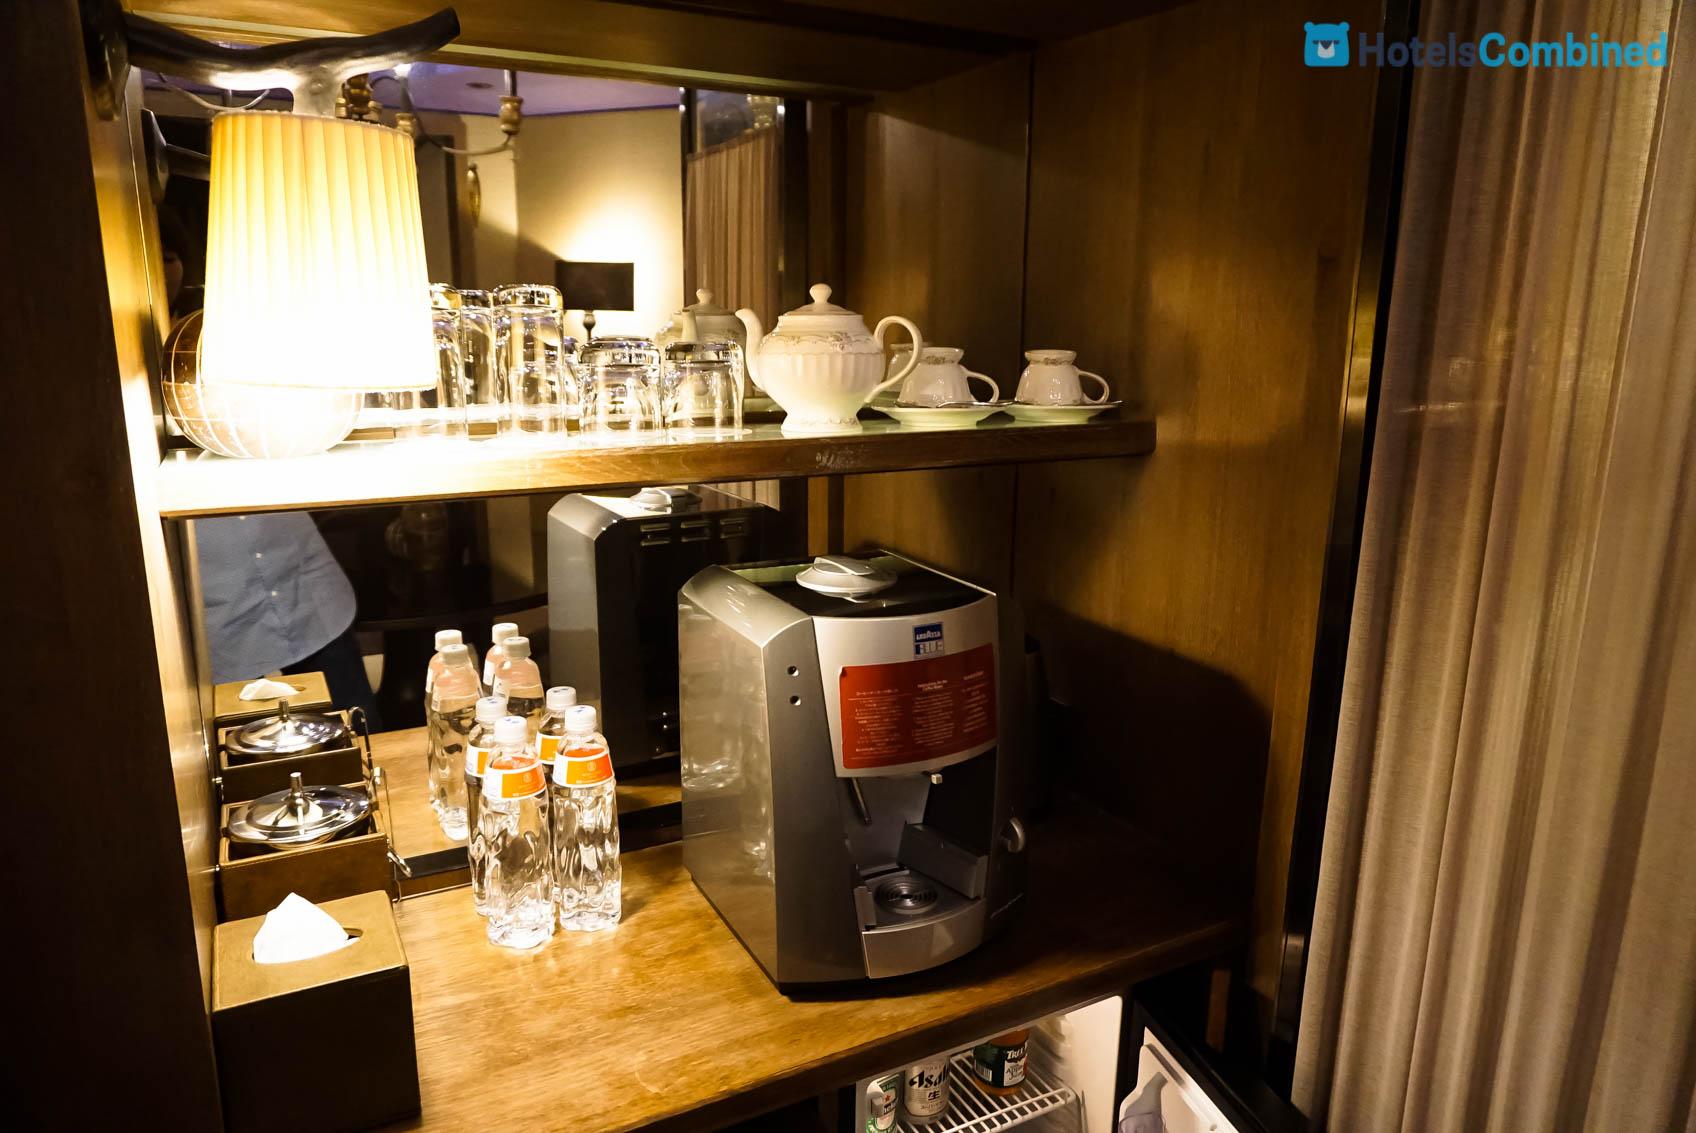 มินิบาร์ และเครื่องทำกาแฟ